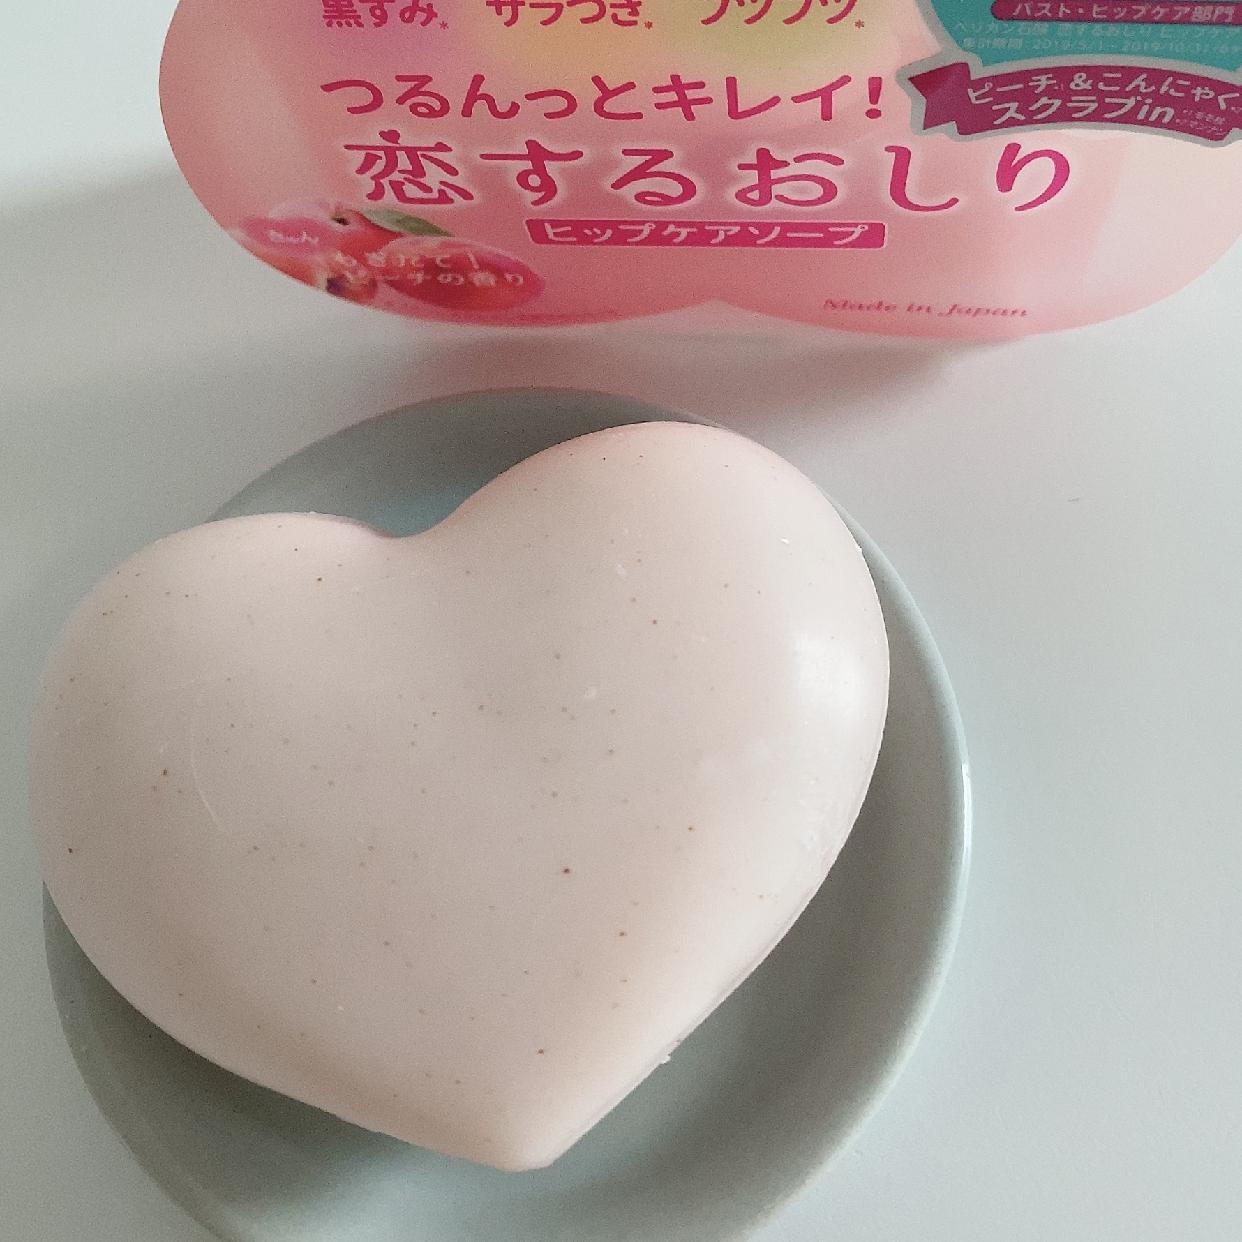 ペリカン石鹸(PELICAN SOAP) 恋するおしり ヒップケアソープを使ったスピリチュアルカウンセラーあいさんのクチコミ画像3